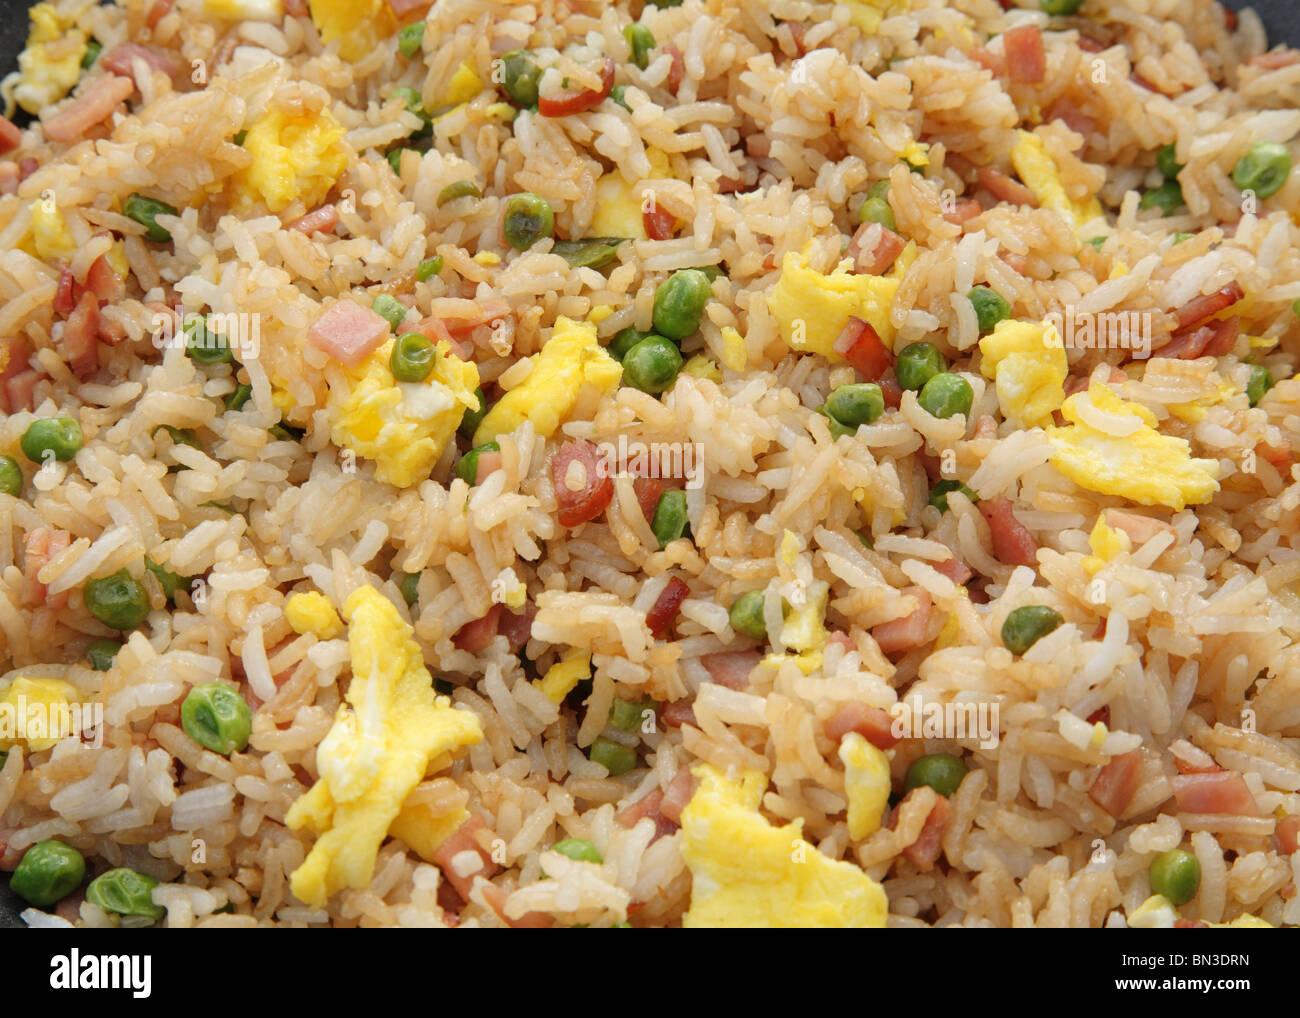 Detalle de cerca de jamón delicioso arroz frito con huevo Imagen De Stock